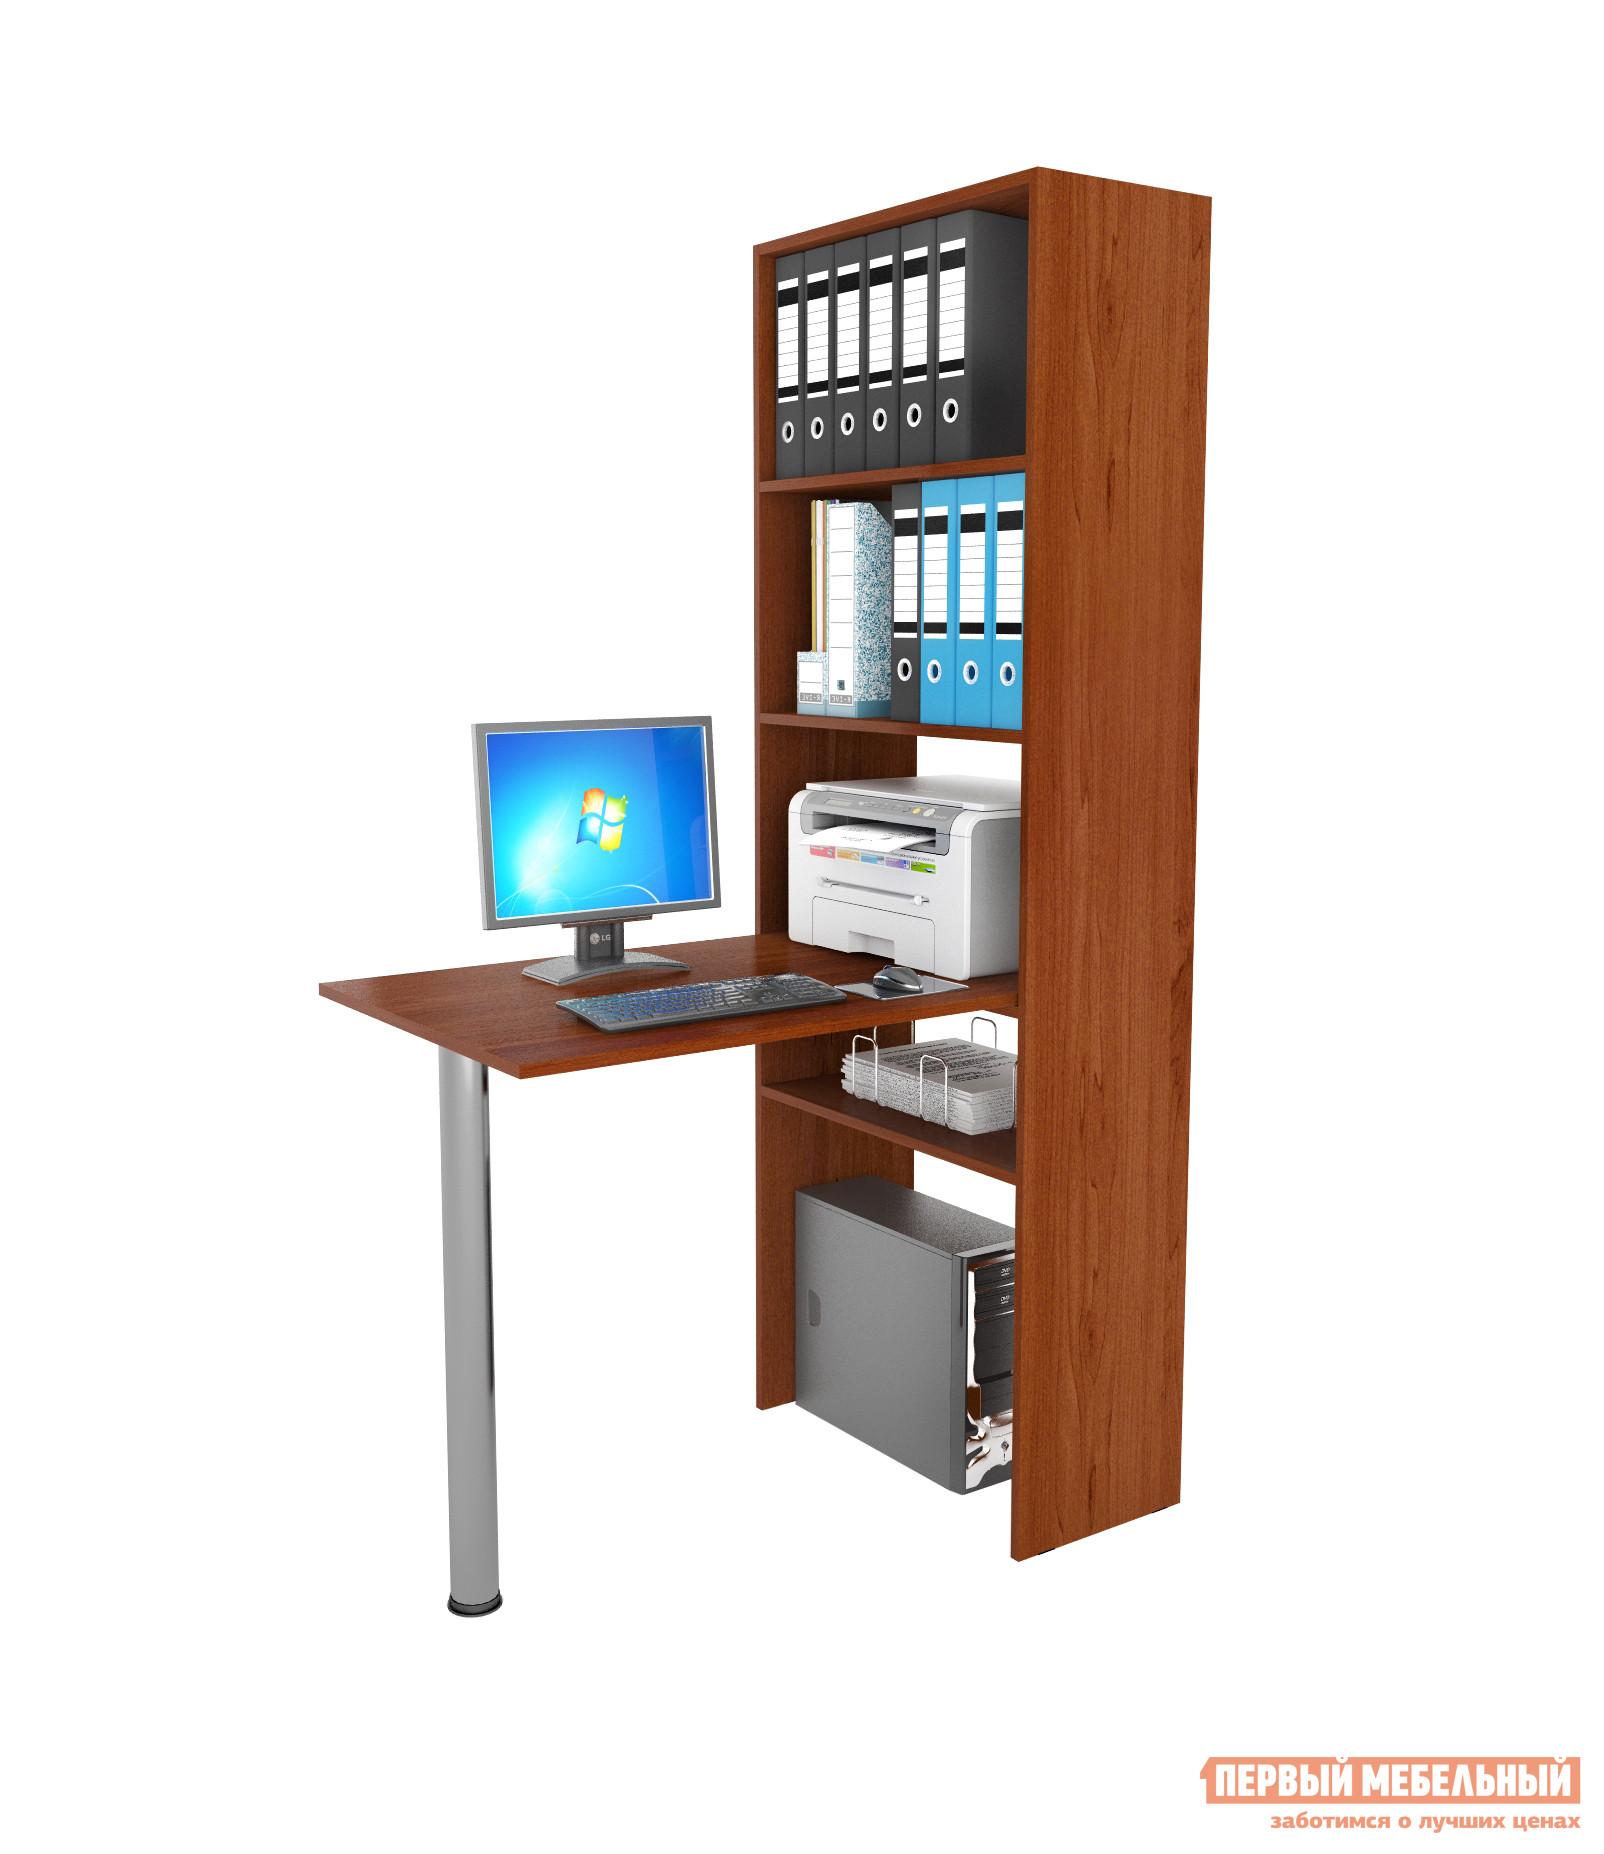 Компьютерный стол МФ Мастер Рикс-4 + Рикс-6 Орех Итальянский